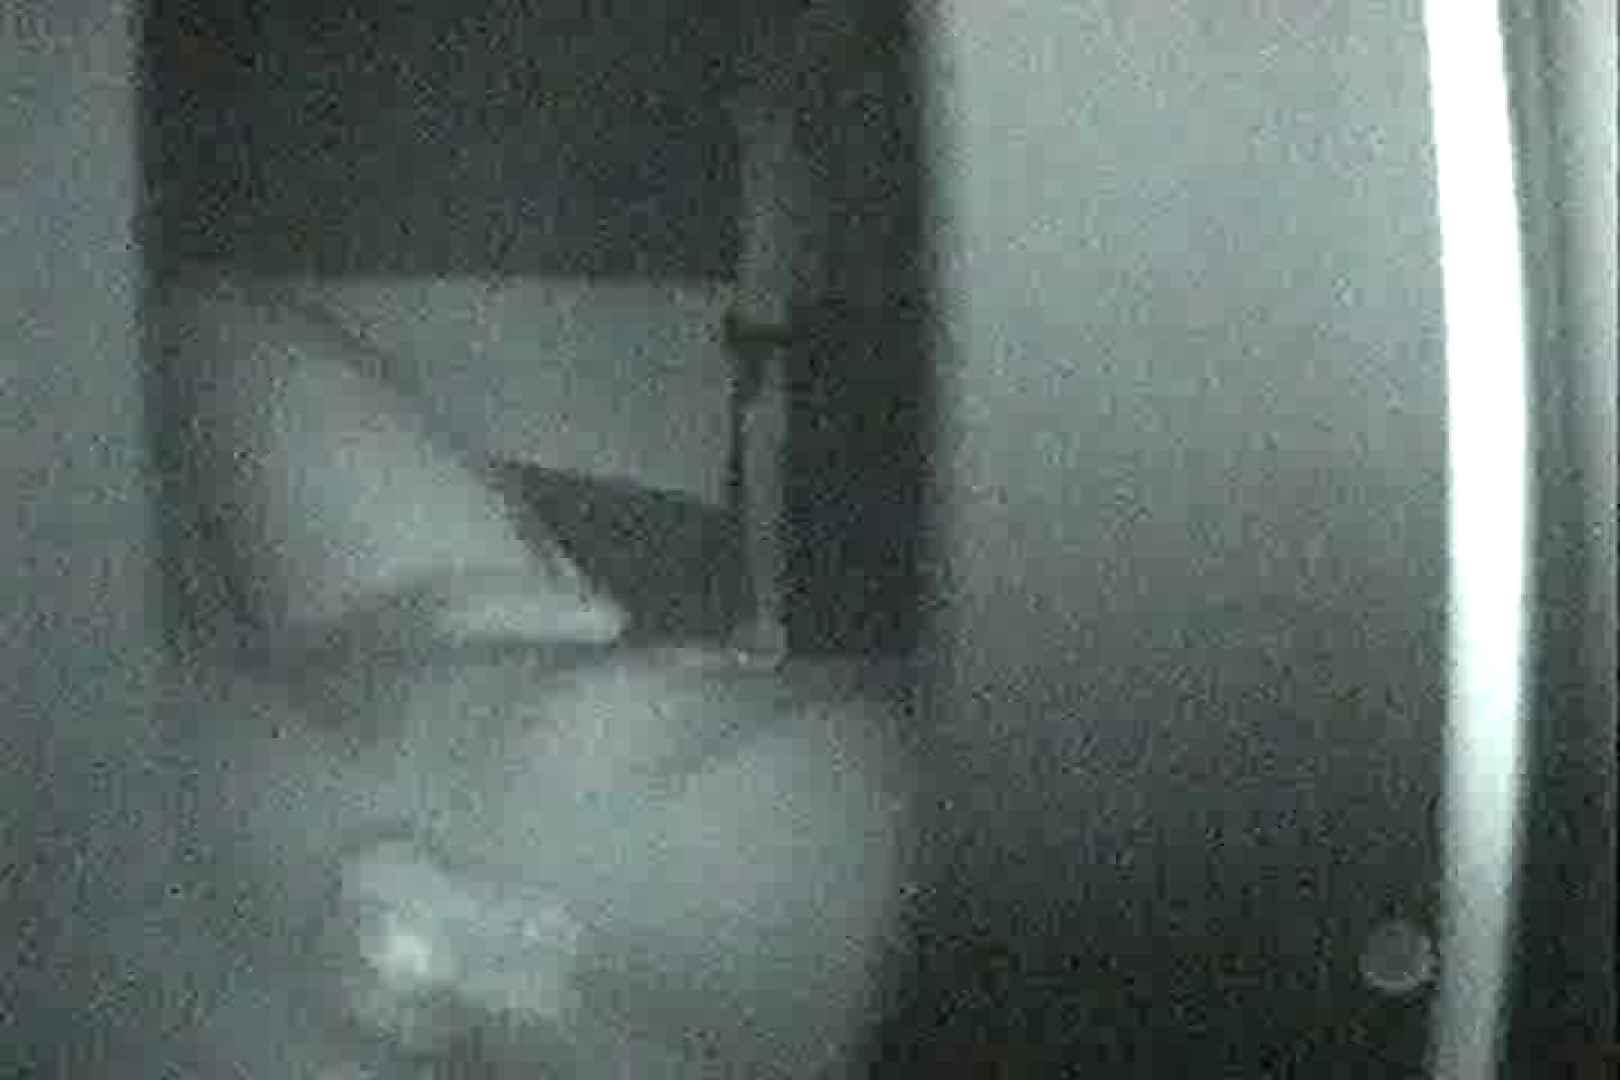 充血監督の深夜の運動会Vol.18 カップルのセックス 隠し撮りオマンコ動画紹介 55PIX 23